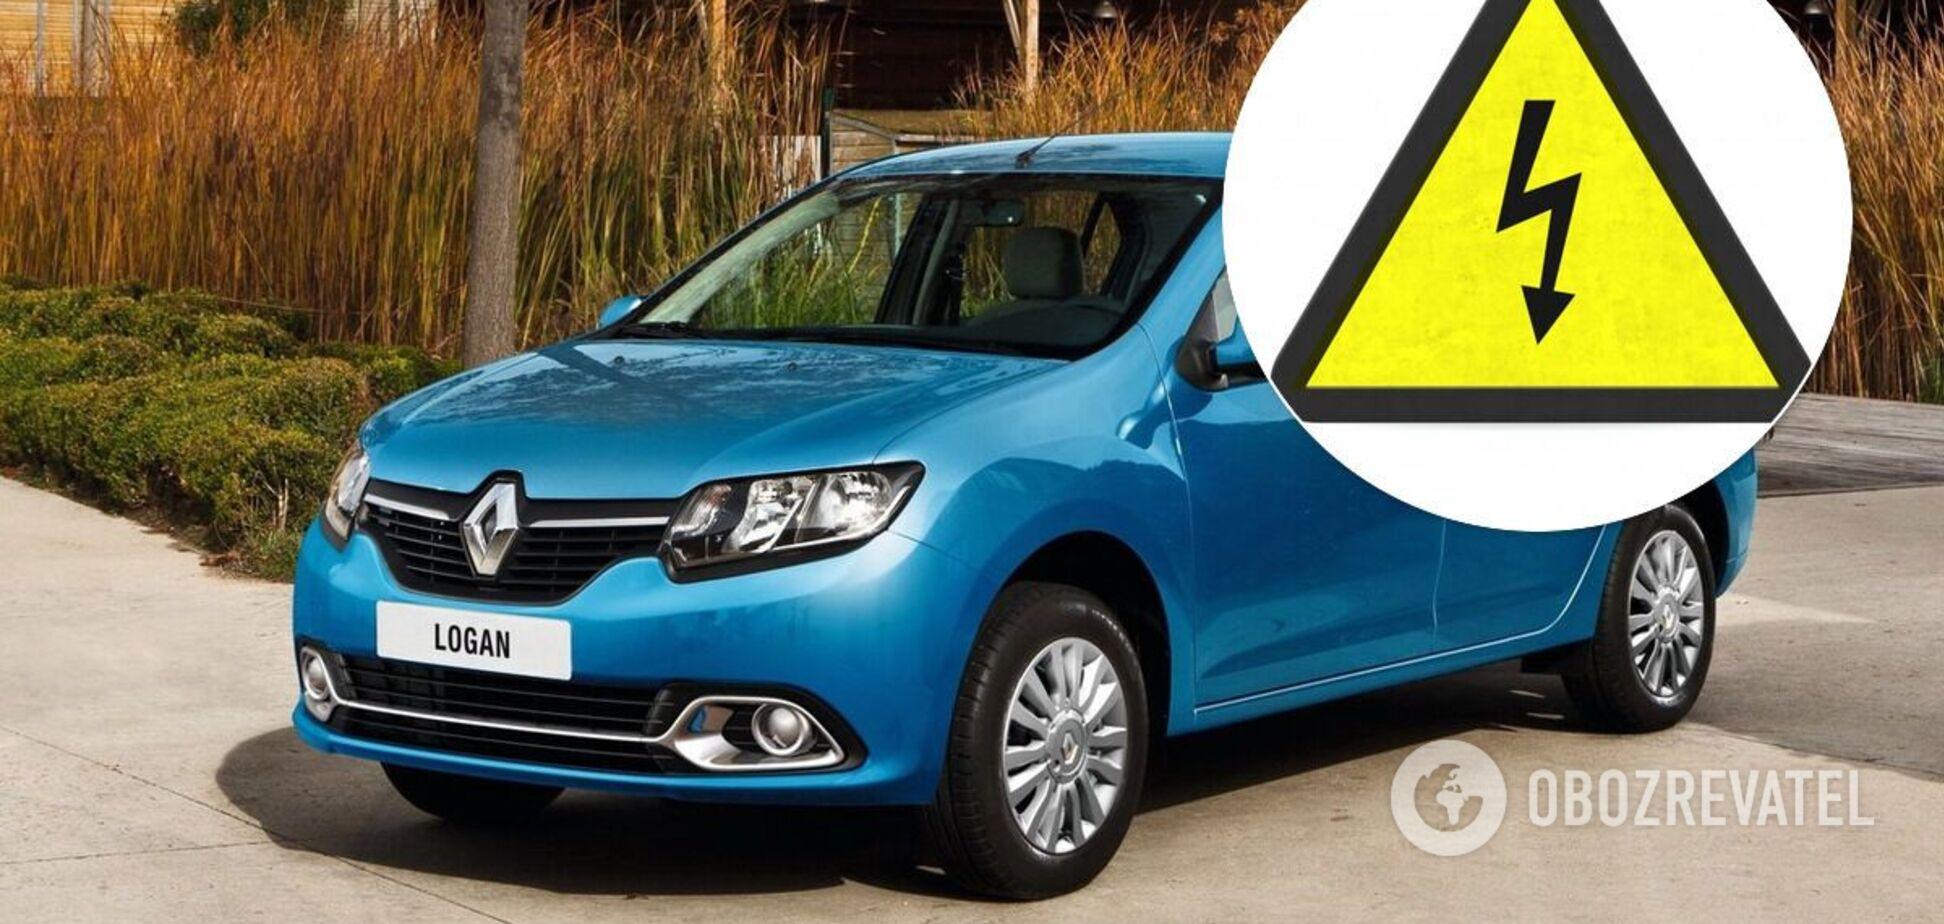 Renault Logan II перетворили на електромобіль за 7000 євро